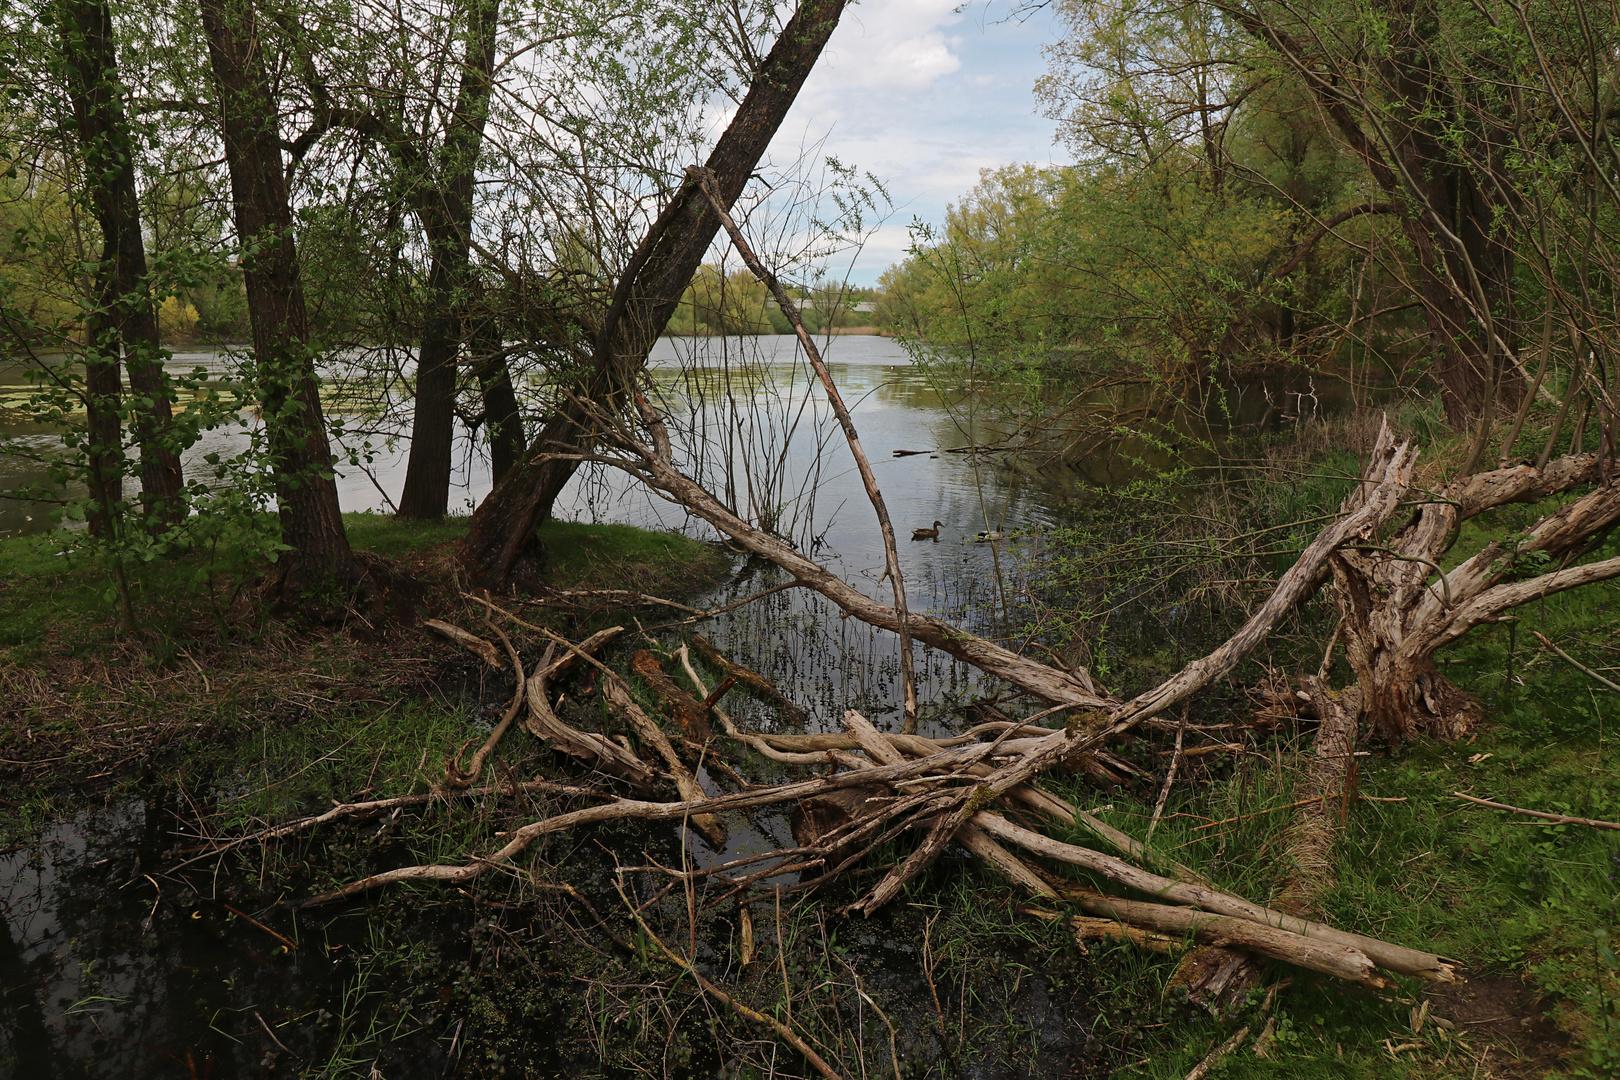 Totholz am Ufer